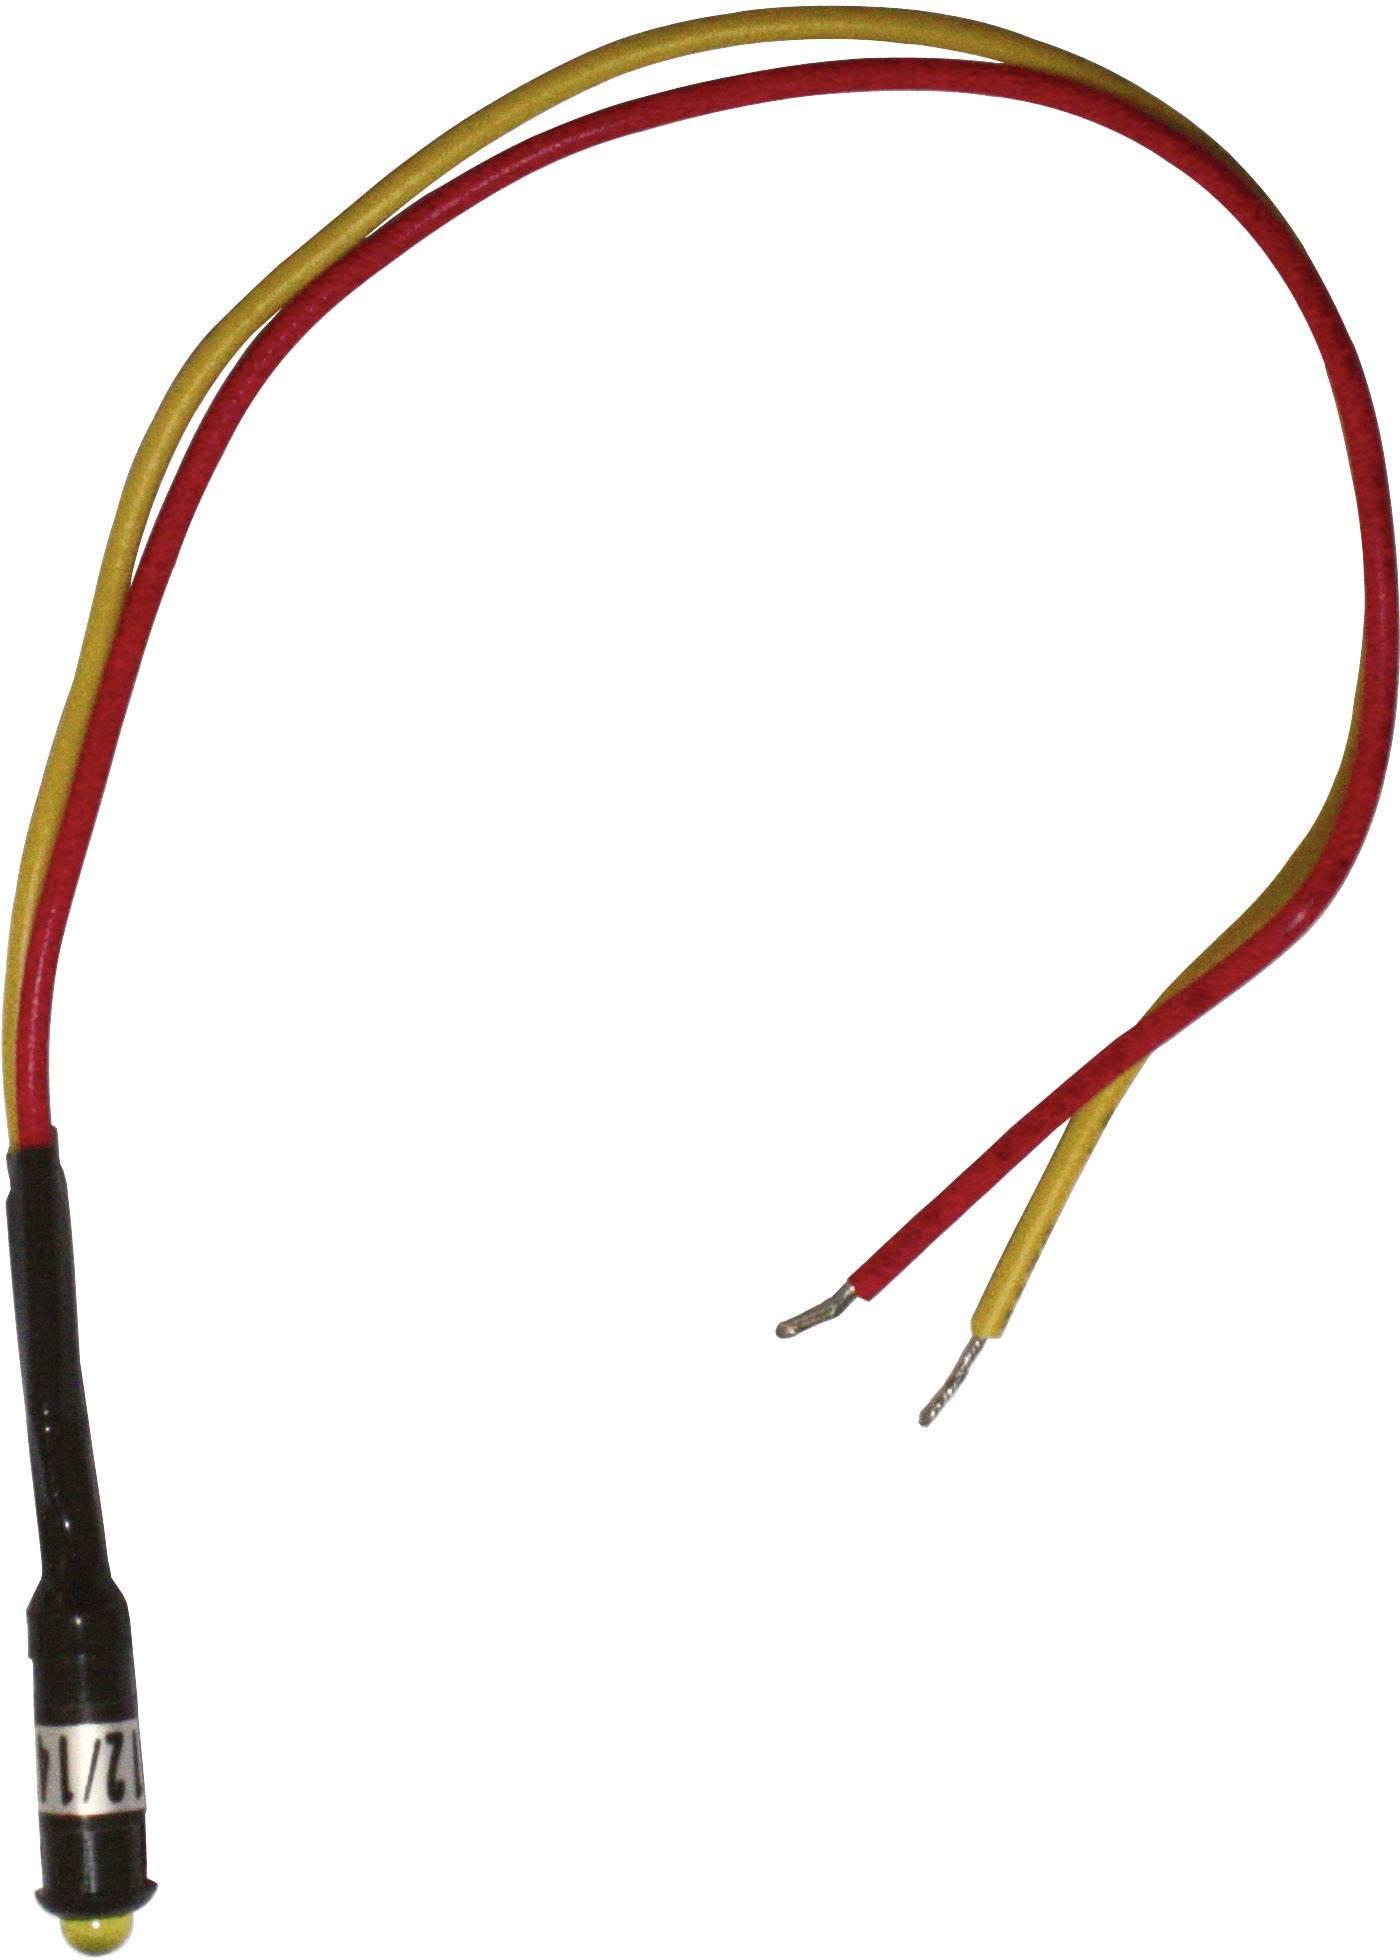 LED signálka Barthelme 52032812, 24 V/DC, žlutá